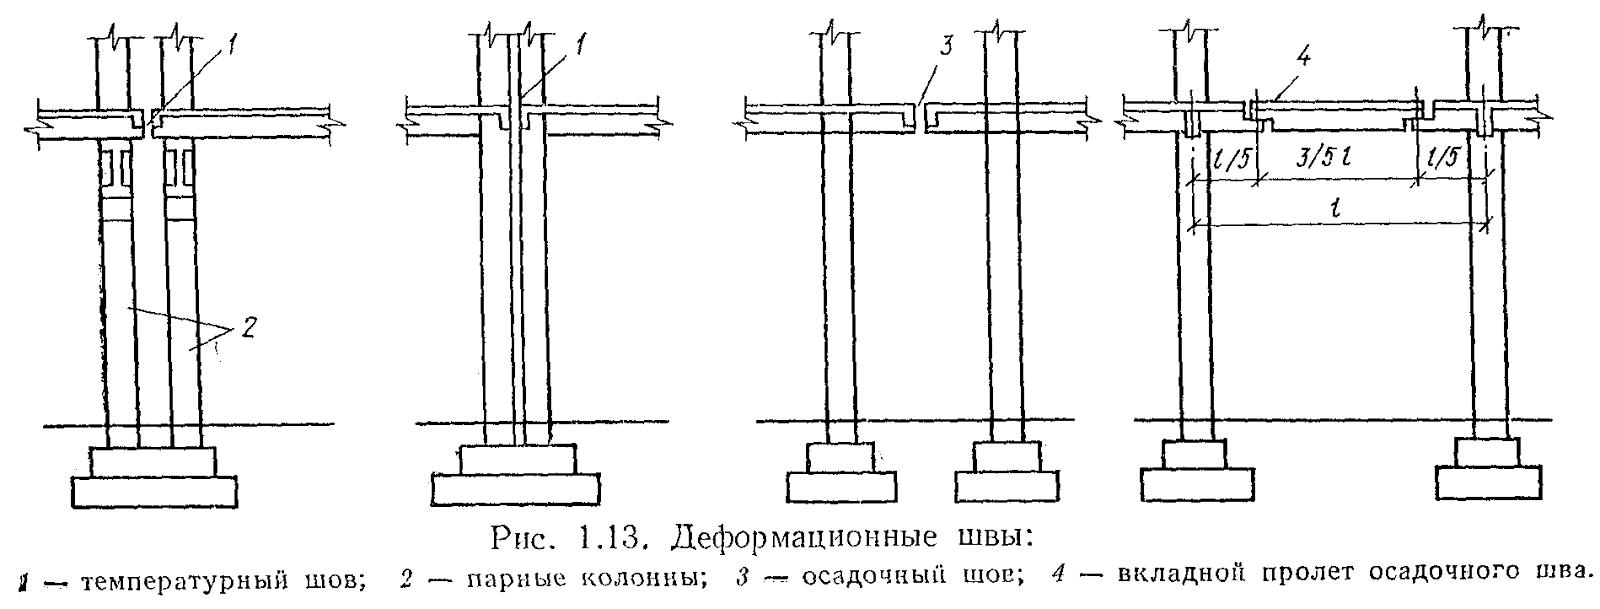 Расчет стыков различных конструкций здания